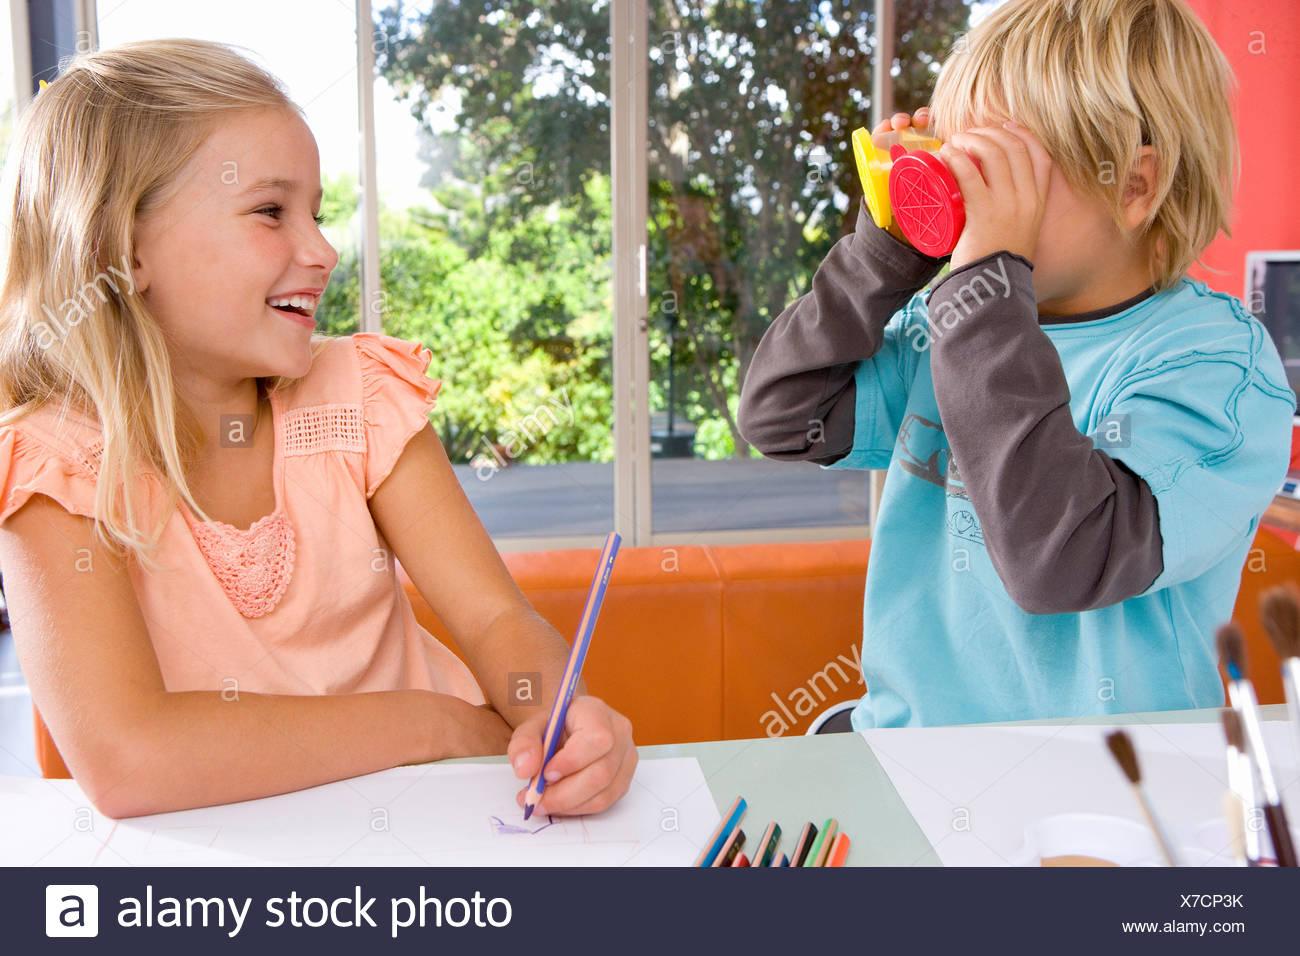 Garçon Fille faire rire de l'art et des métiers tableau Photo Stock